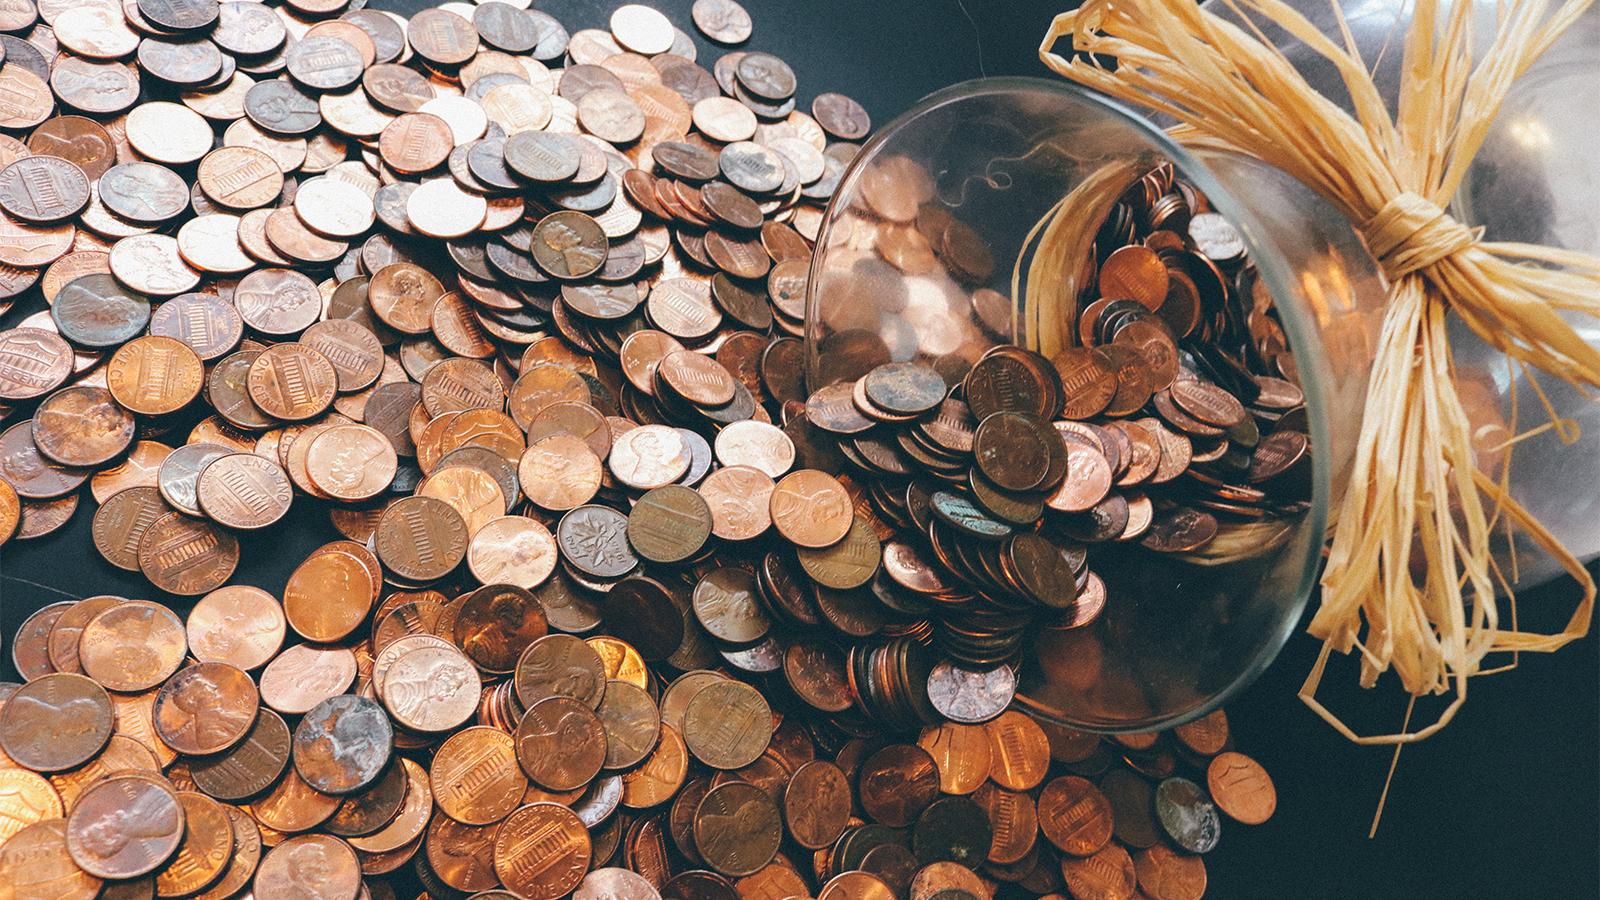 jar tips over spilling pennis